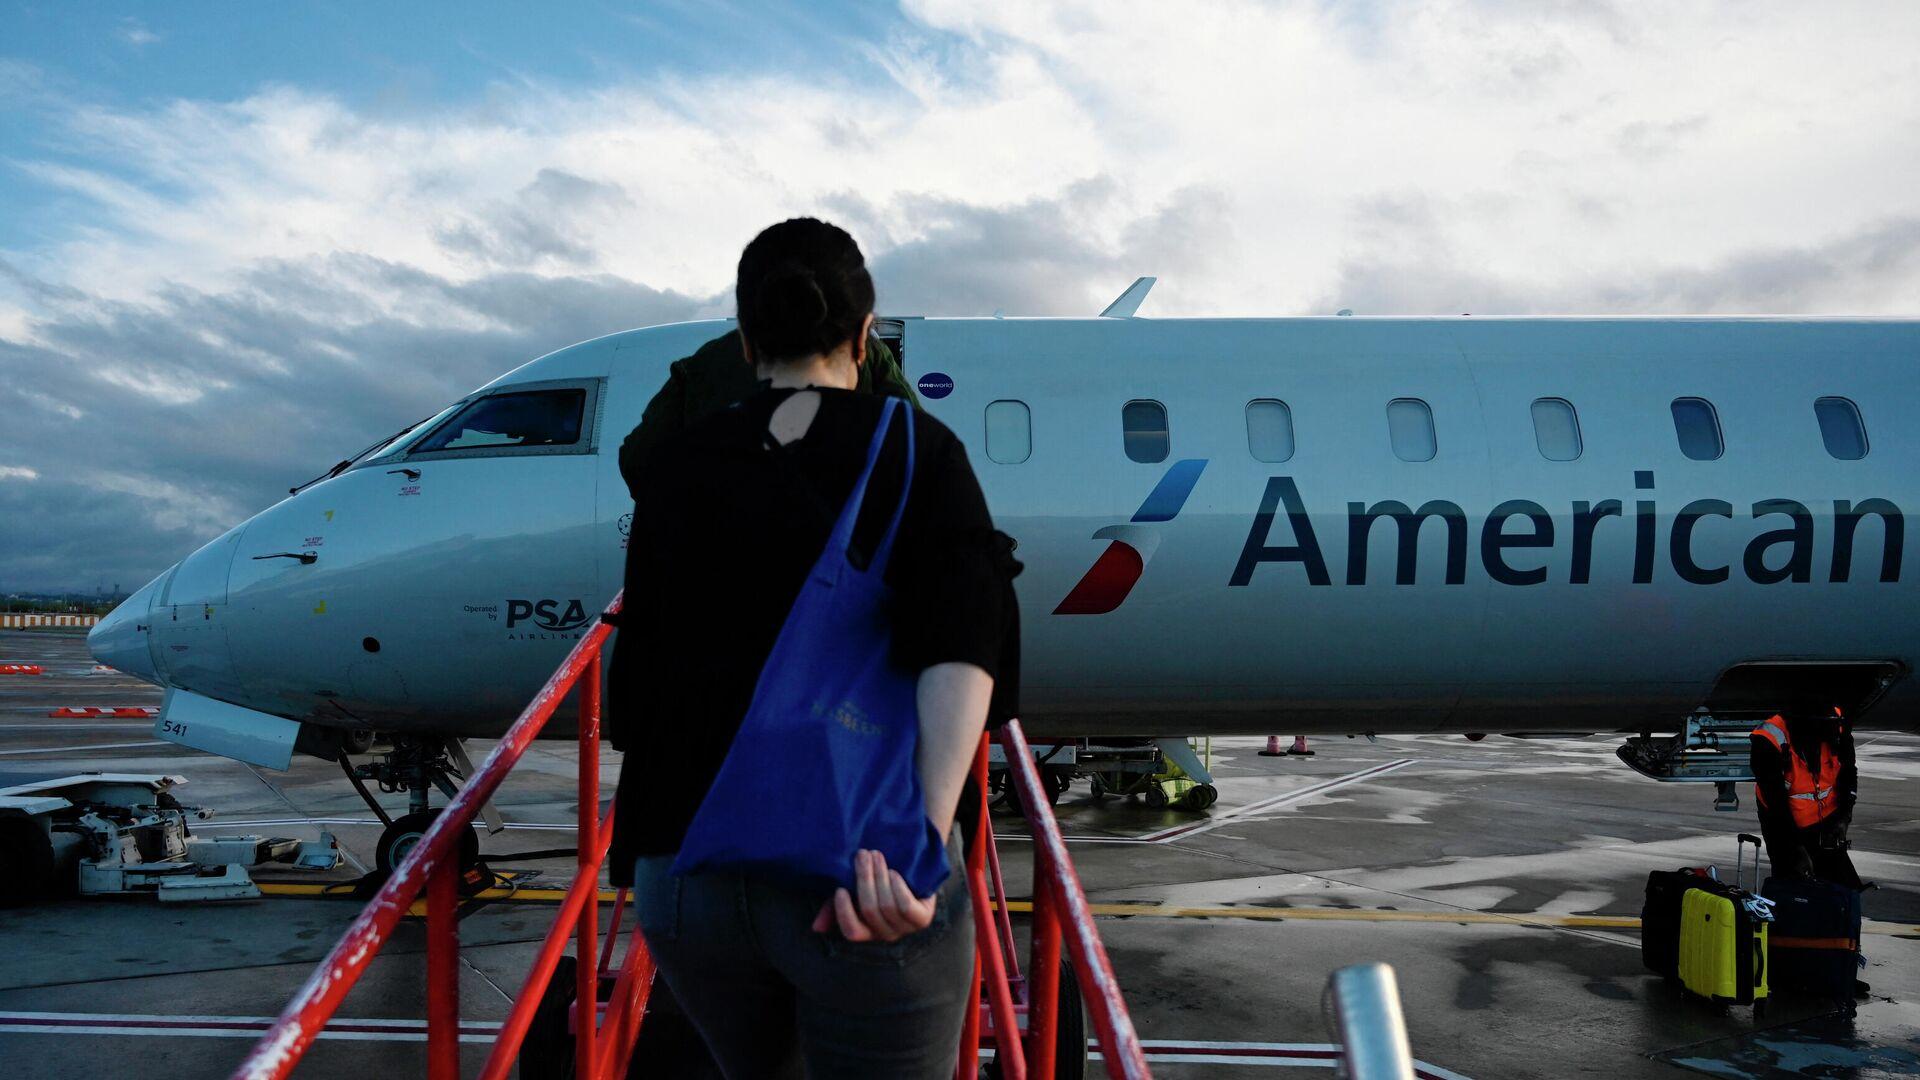 Pasajeros abordan un vuelo en el Aeropuerto Nacional Ronald Reagan de Washington. 11 de abril de 2021 - Sputnik Mundo, 1920, 21.04.2021